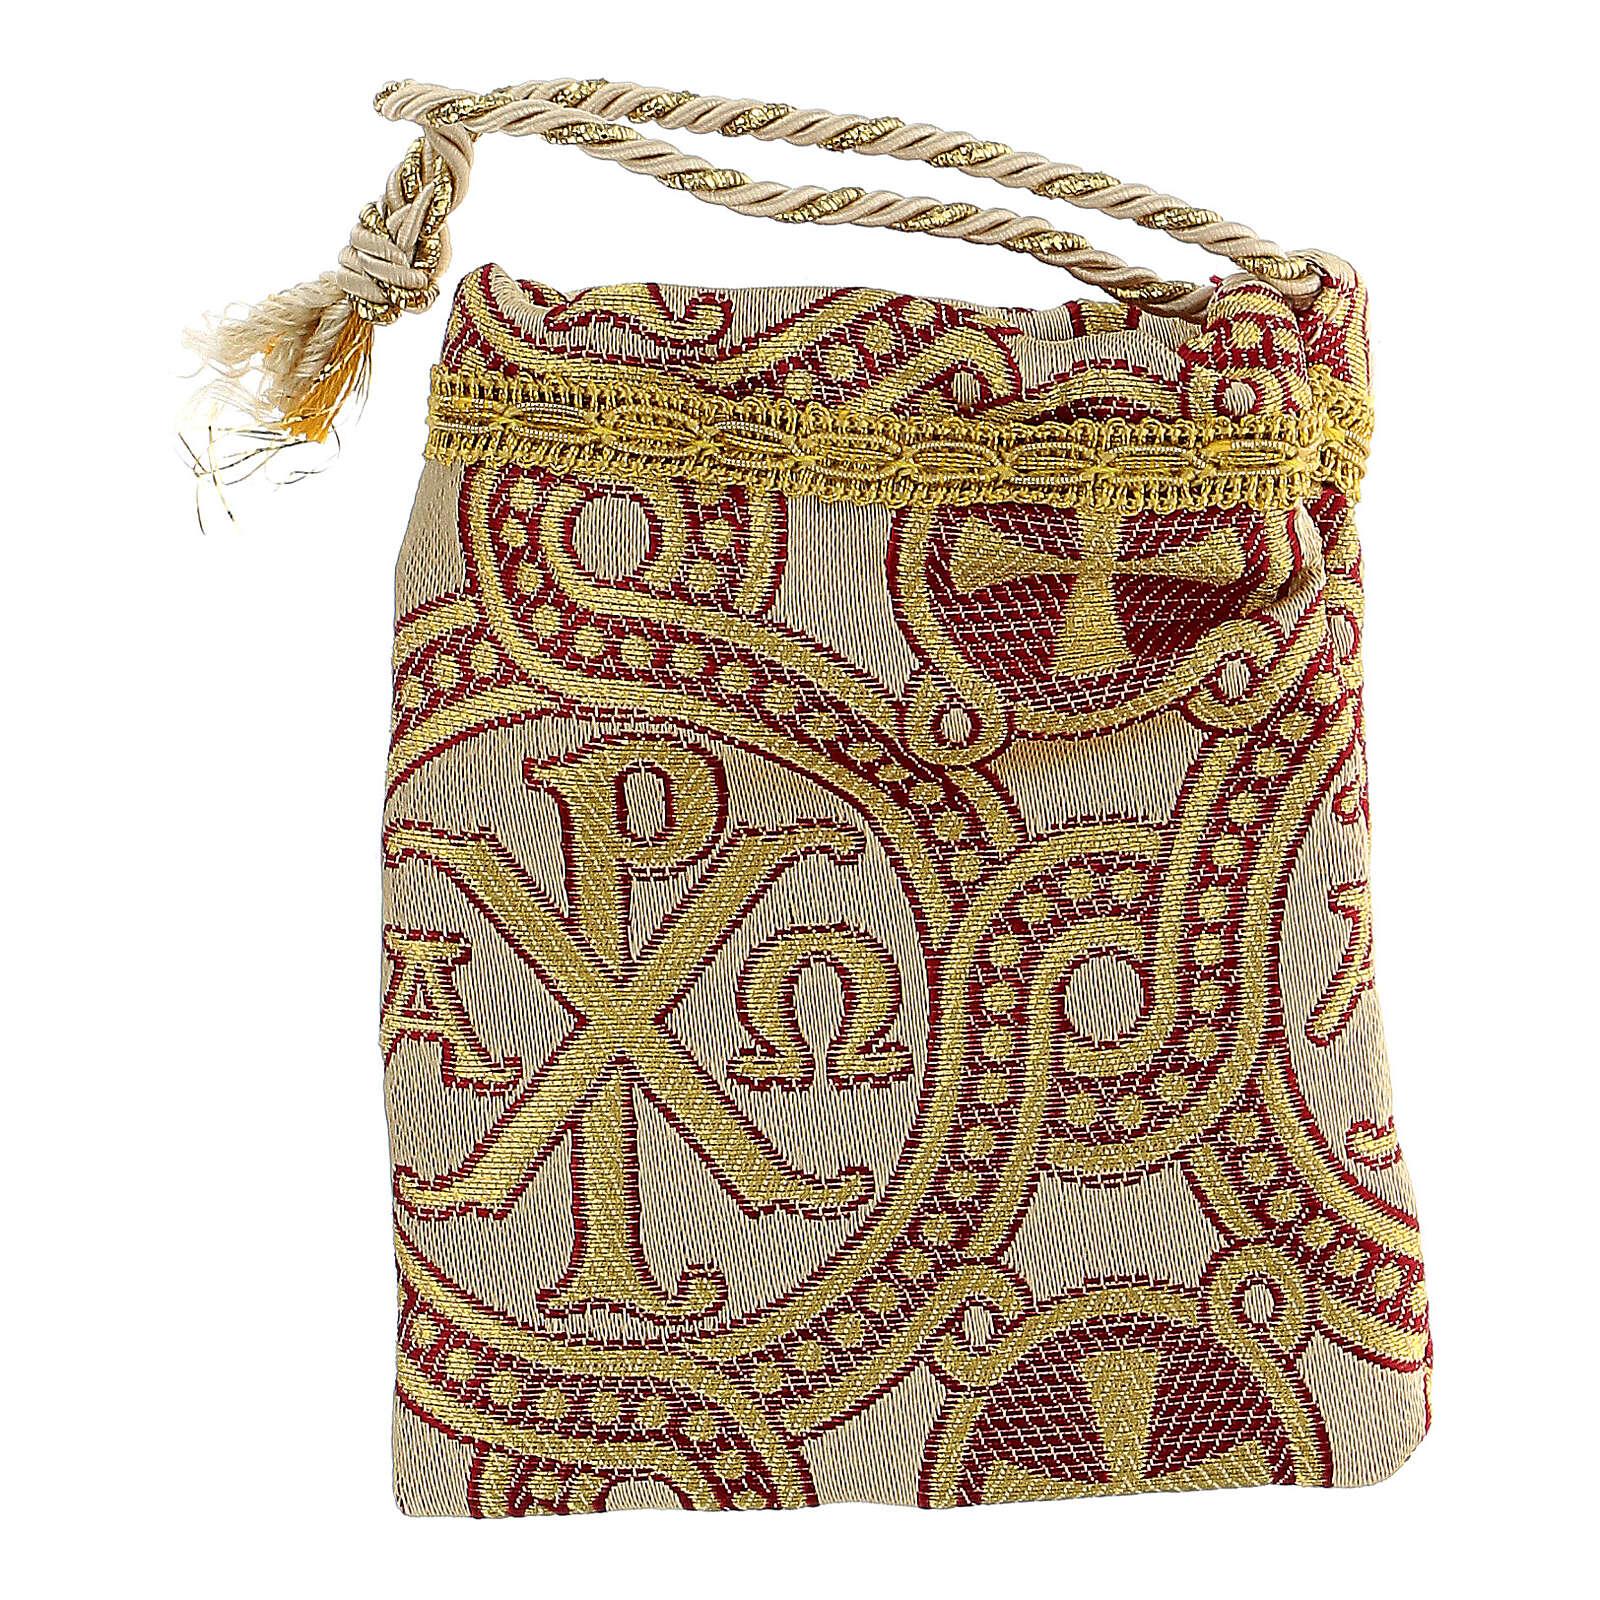 Sacchetto dorato in tessuto broccato con ricami 10,5x9,5 3